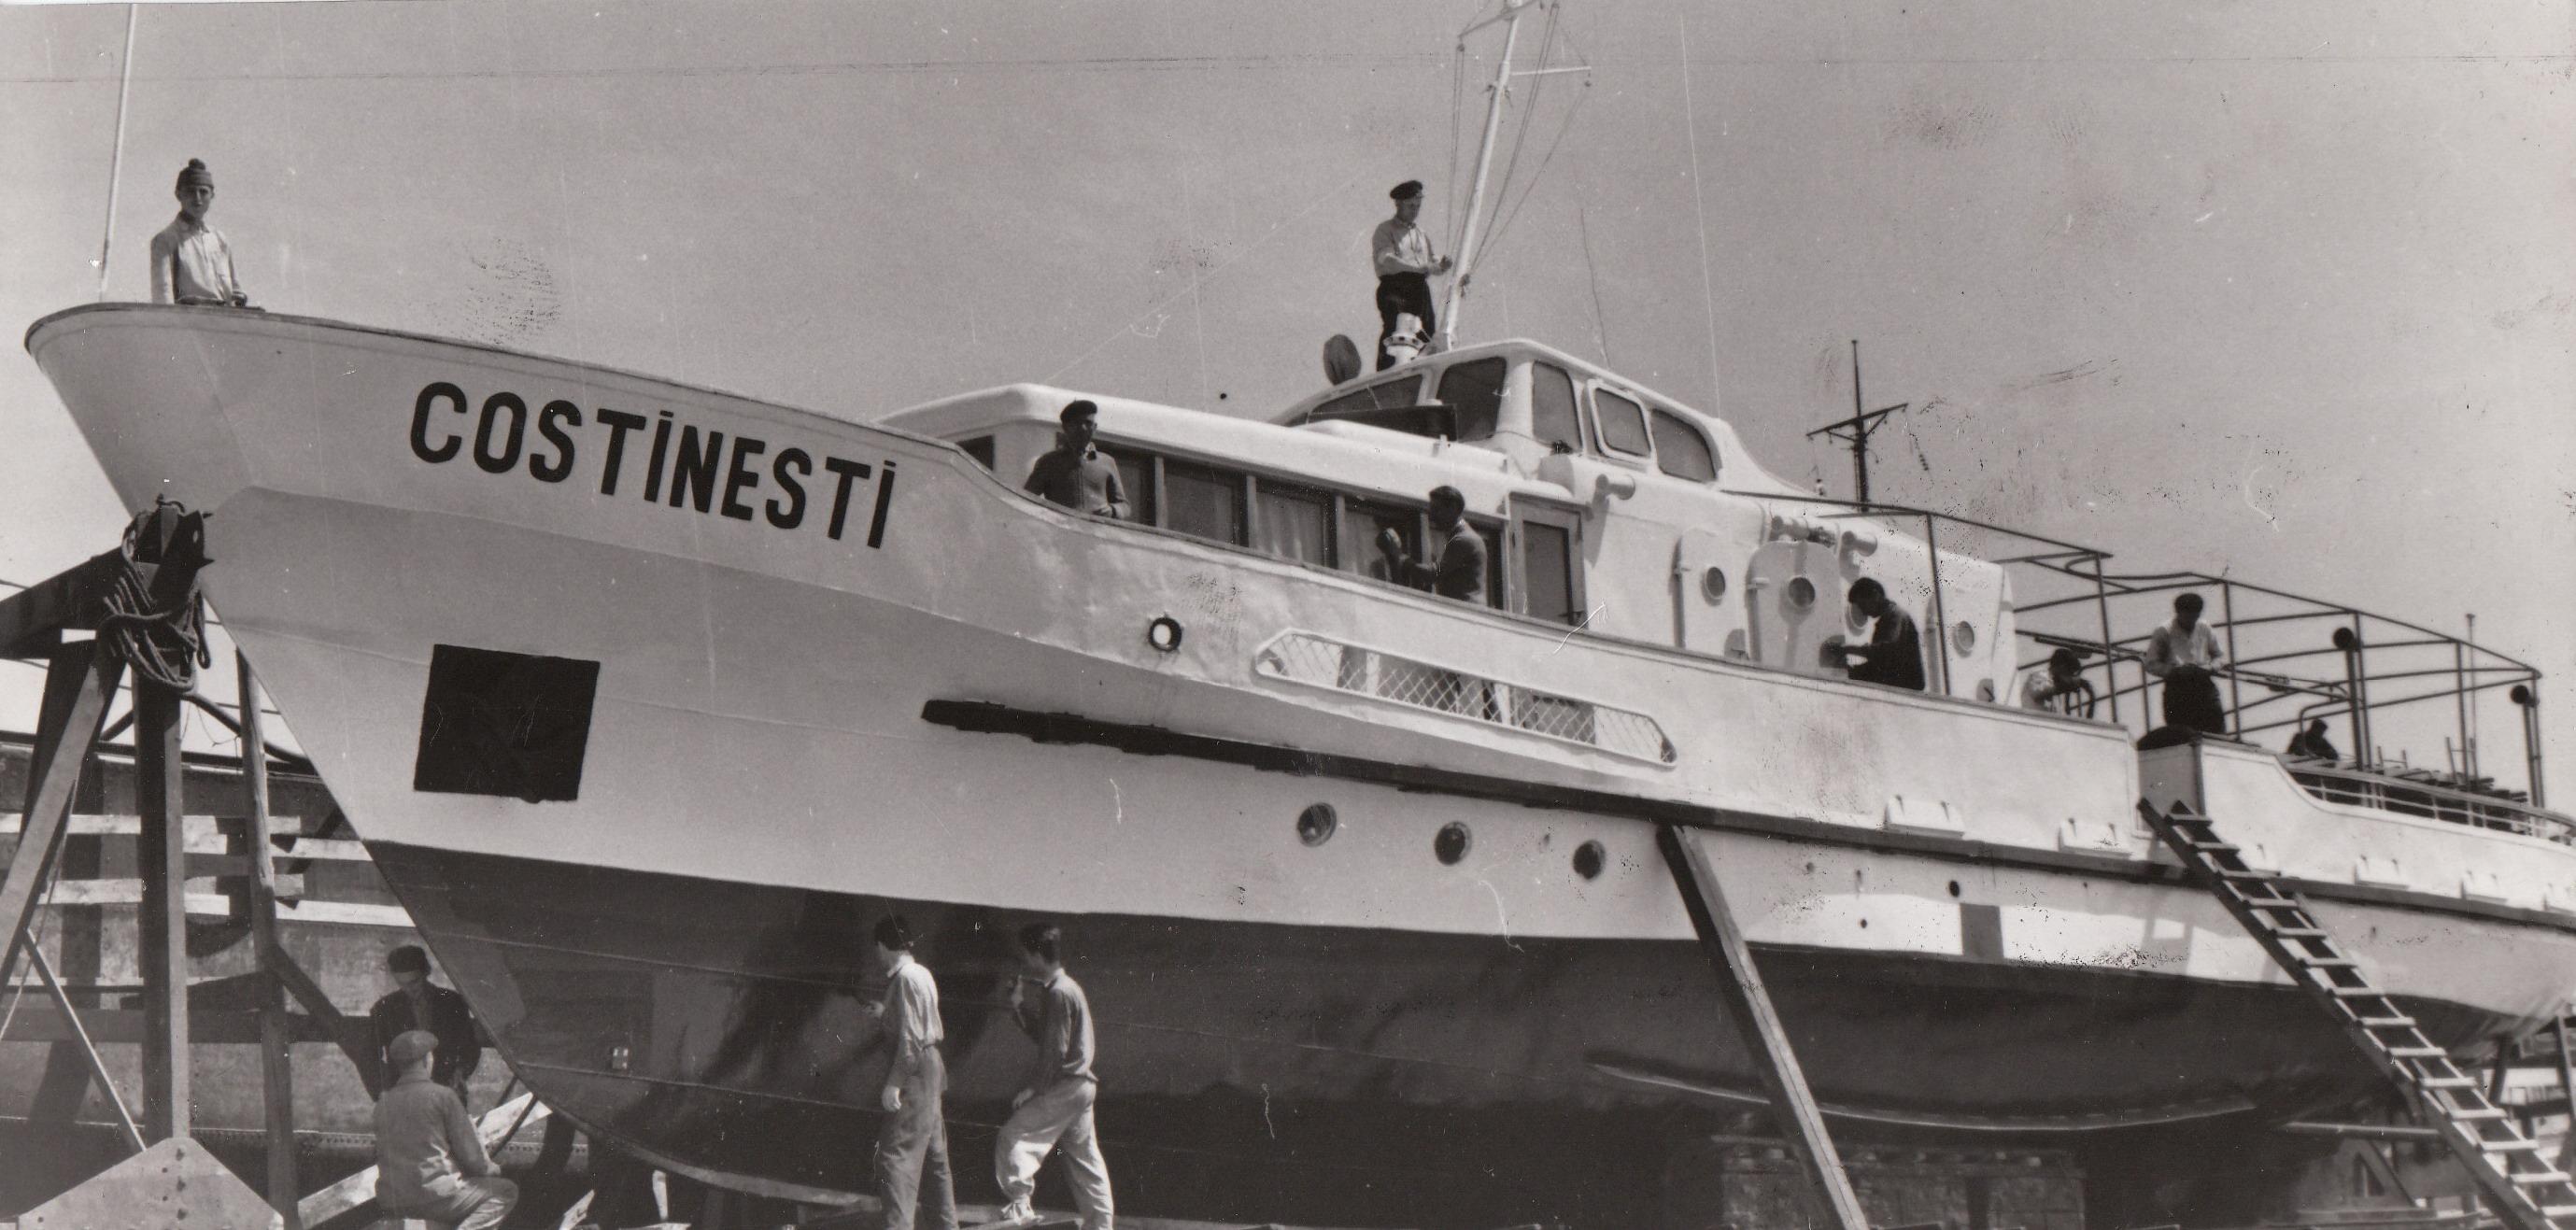 Hidrobuzul COSTINEȘTI în timpul reparațiilor din Șantierul Naval Constanța (foto din anii '60).